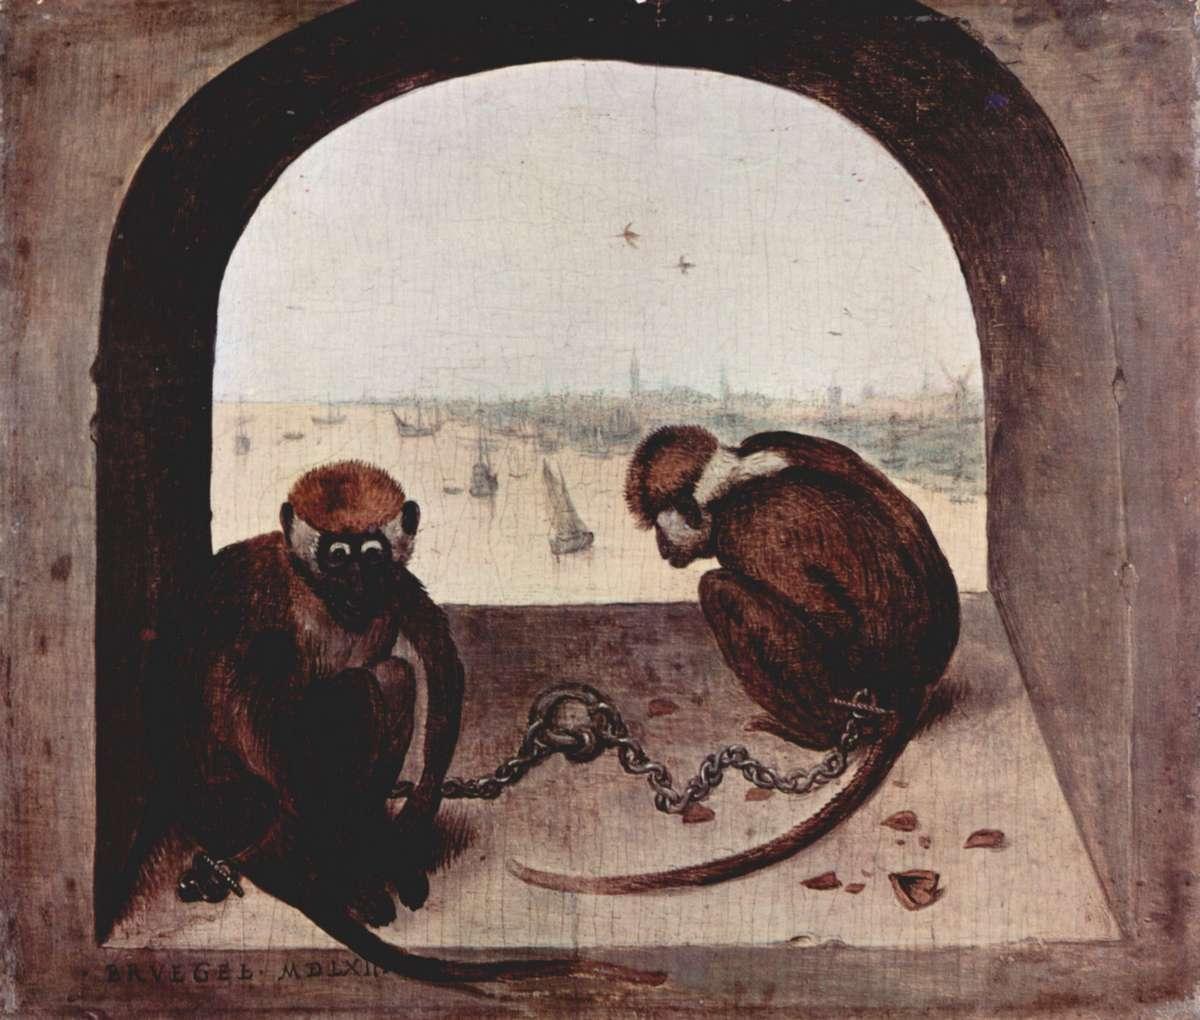 Το διαχρονικό ποίημα του Ιωάννη Πολέμη για τα ζώα